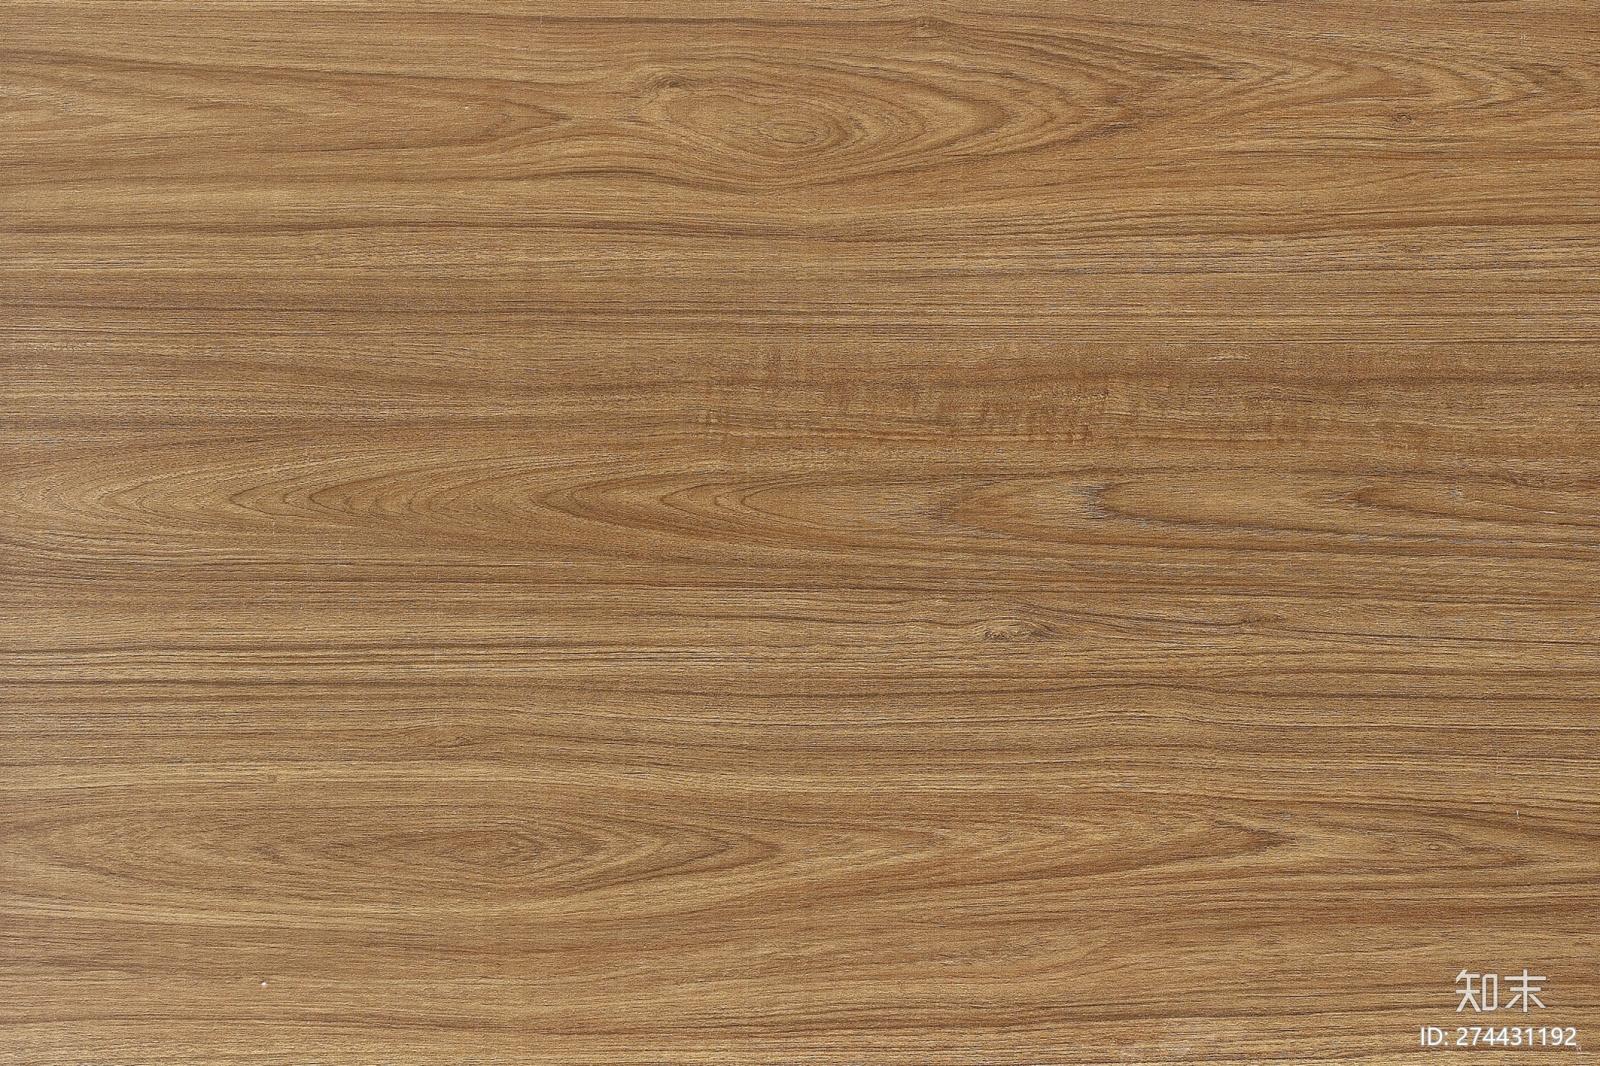 金科天然瓷木(9)贴图下载【ID:274431192】